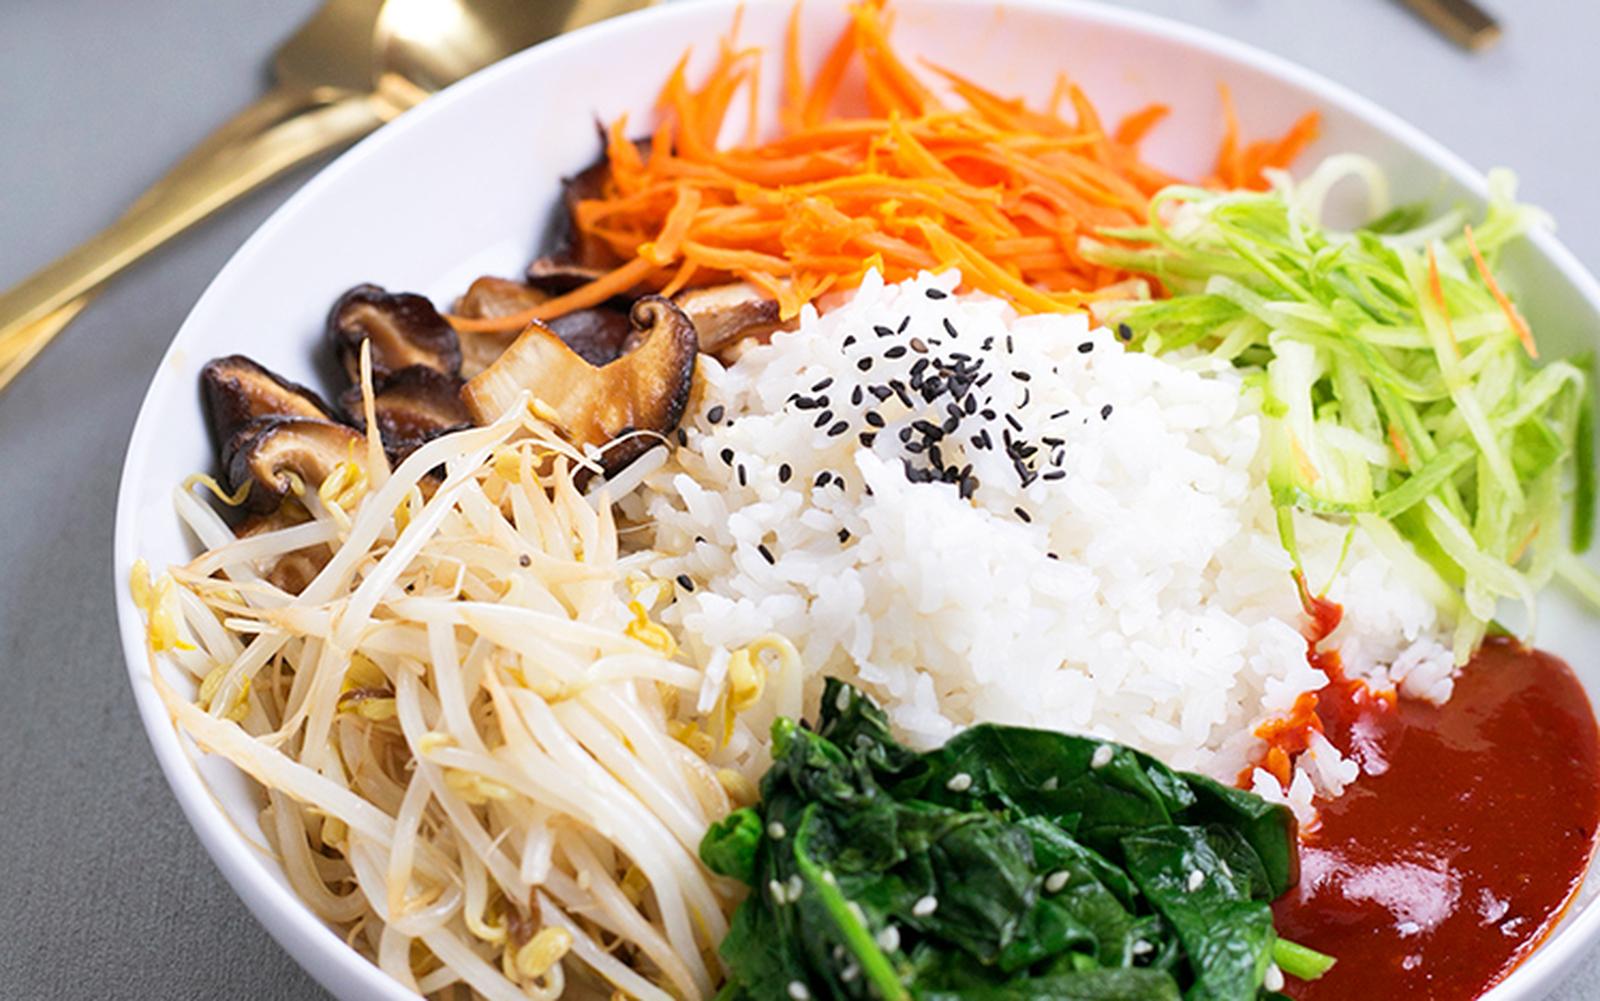 Bangin' Korean Bibimbap [Vegan, Gluten-Free]